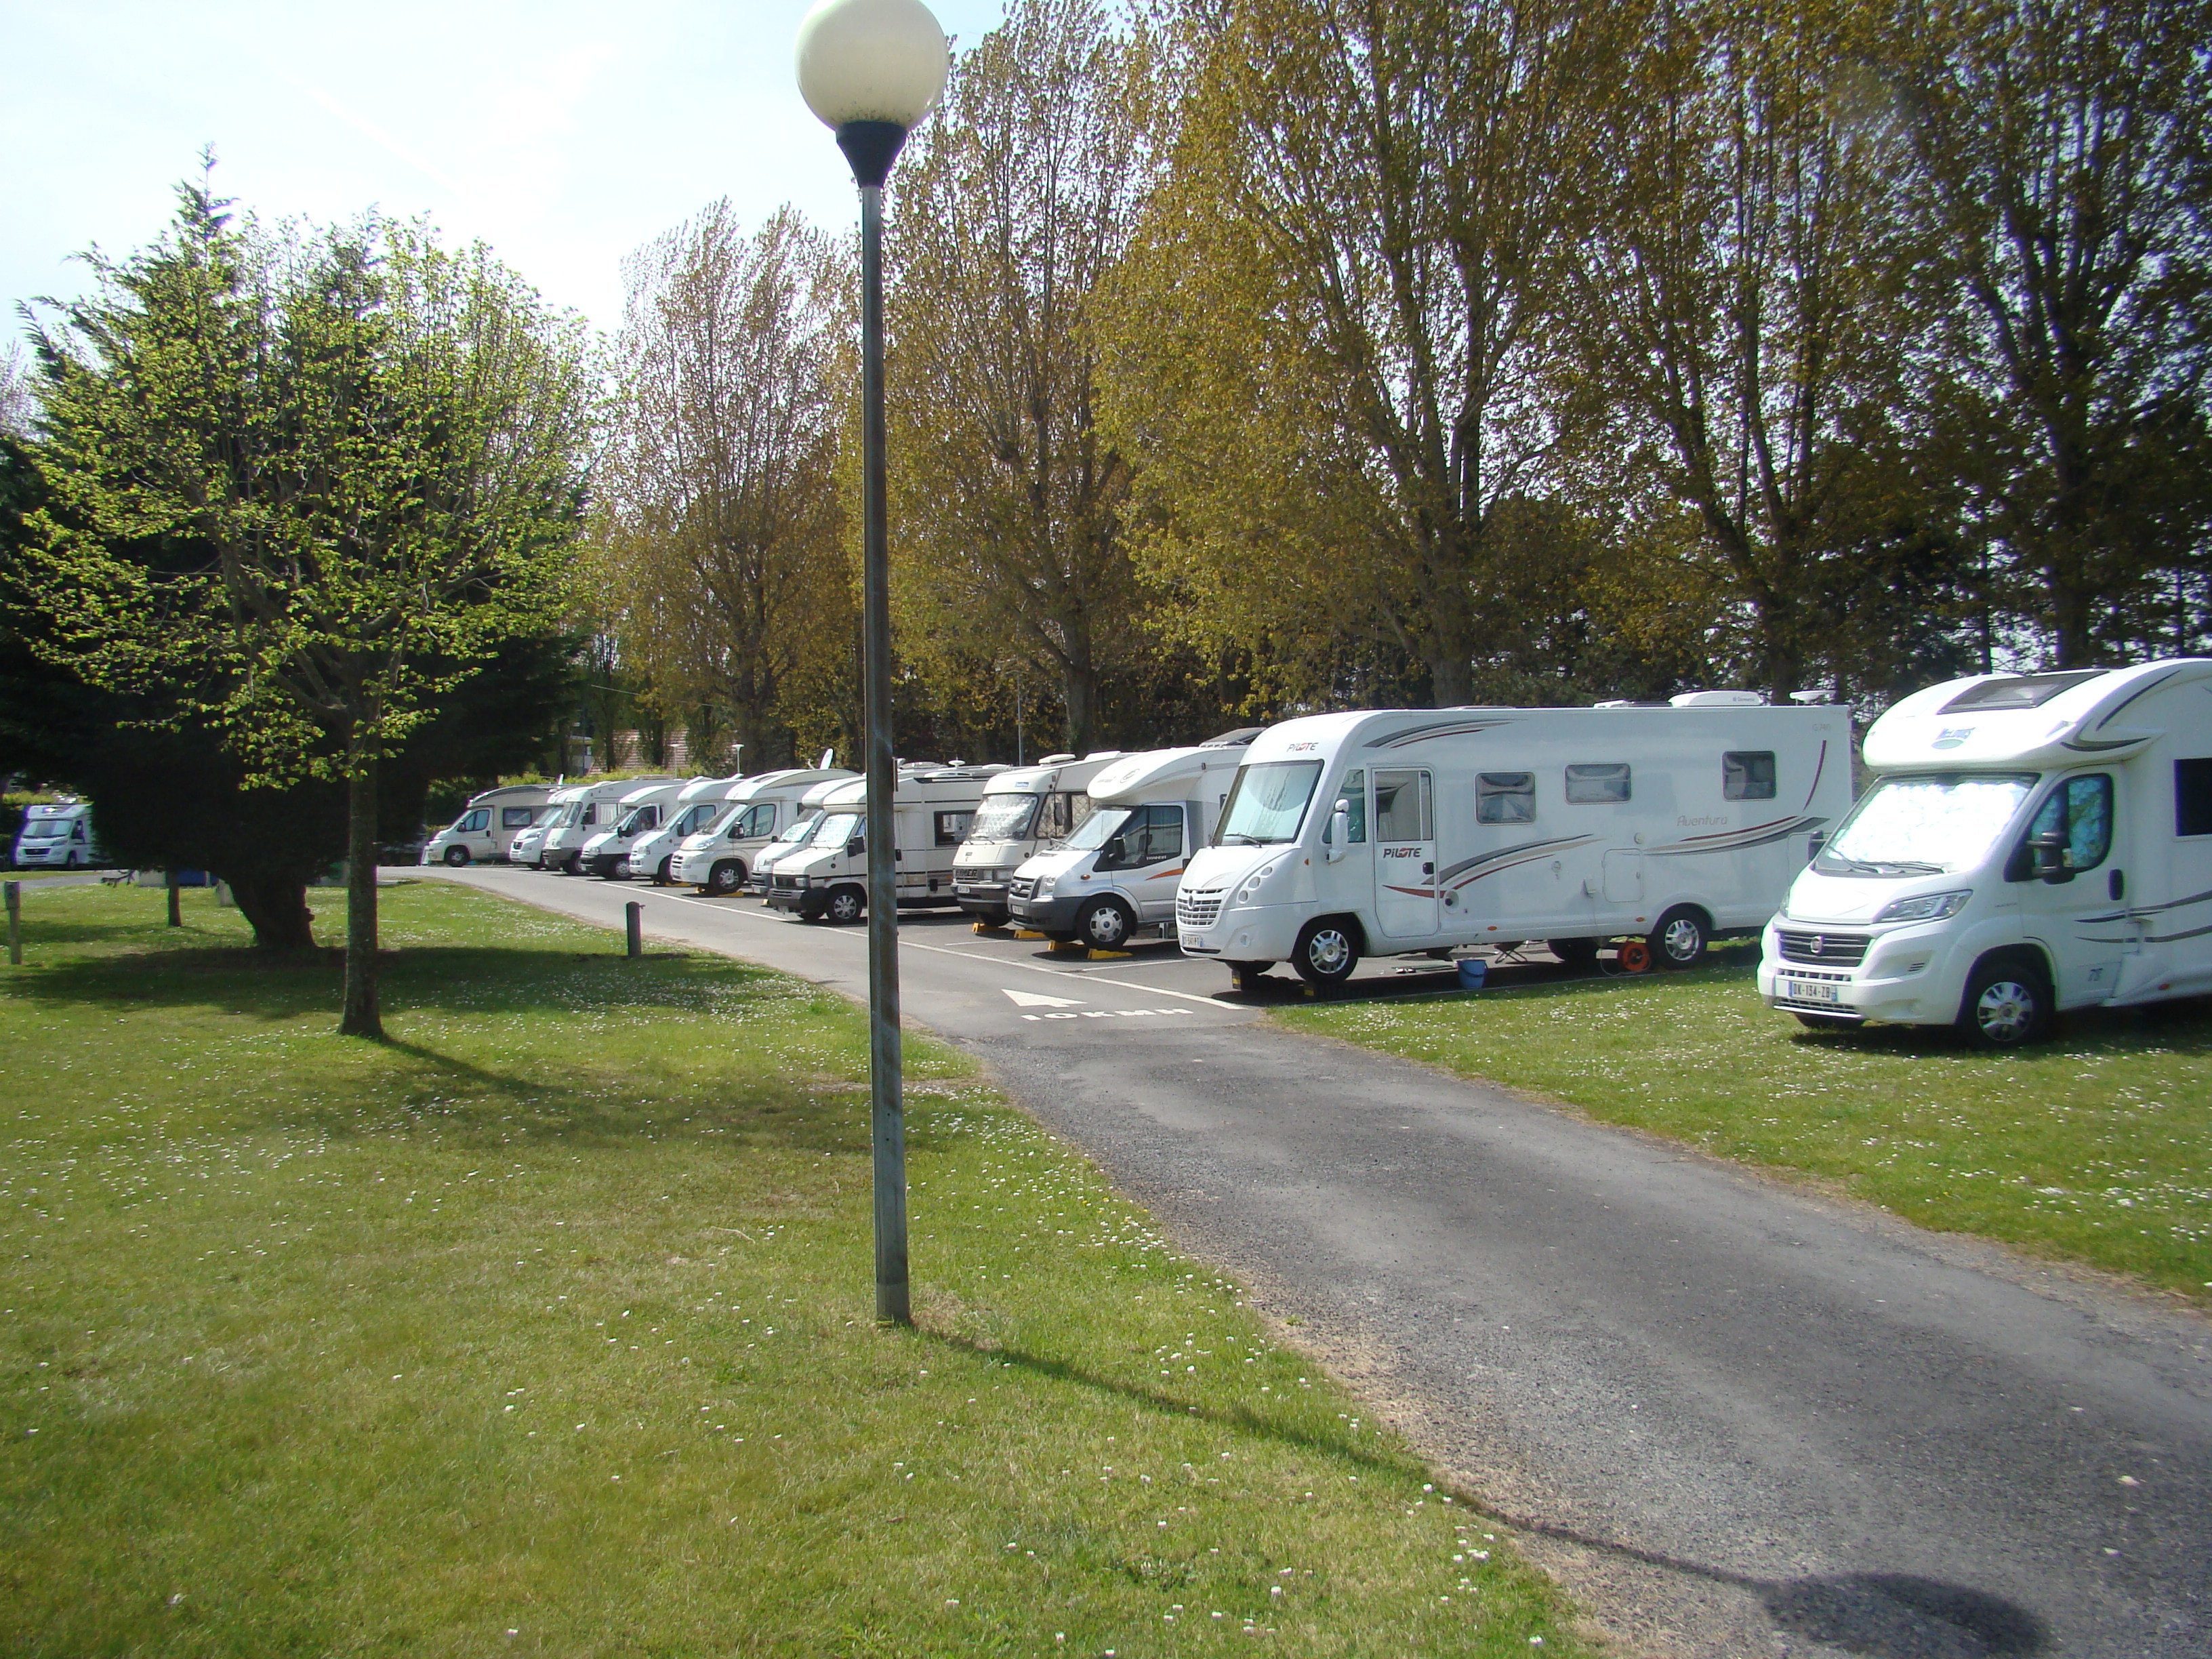 Camping rivabella ouistreham normandie piscine chauff e for Camping car de luxe avec piscine